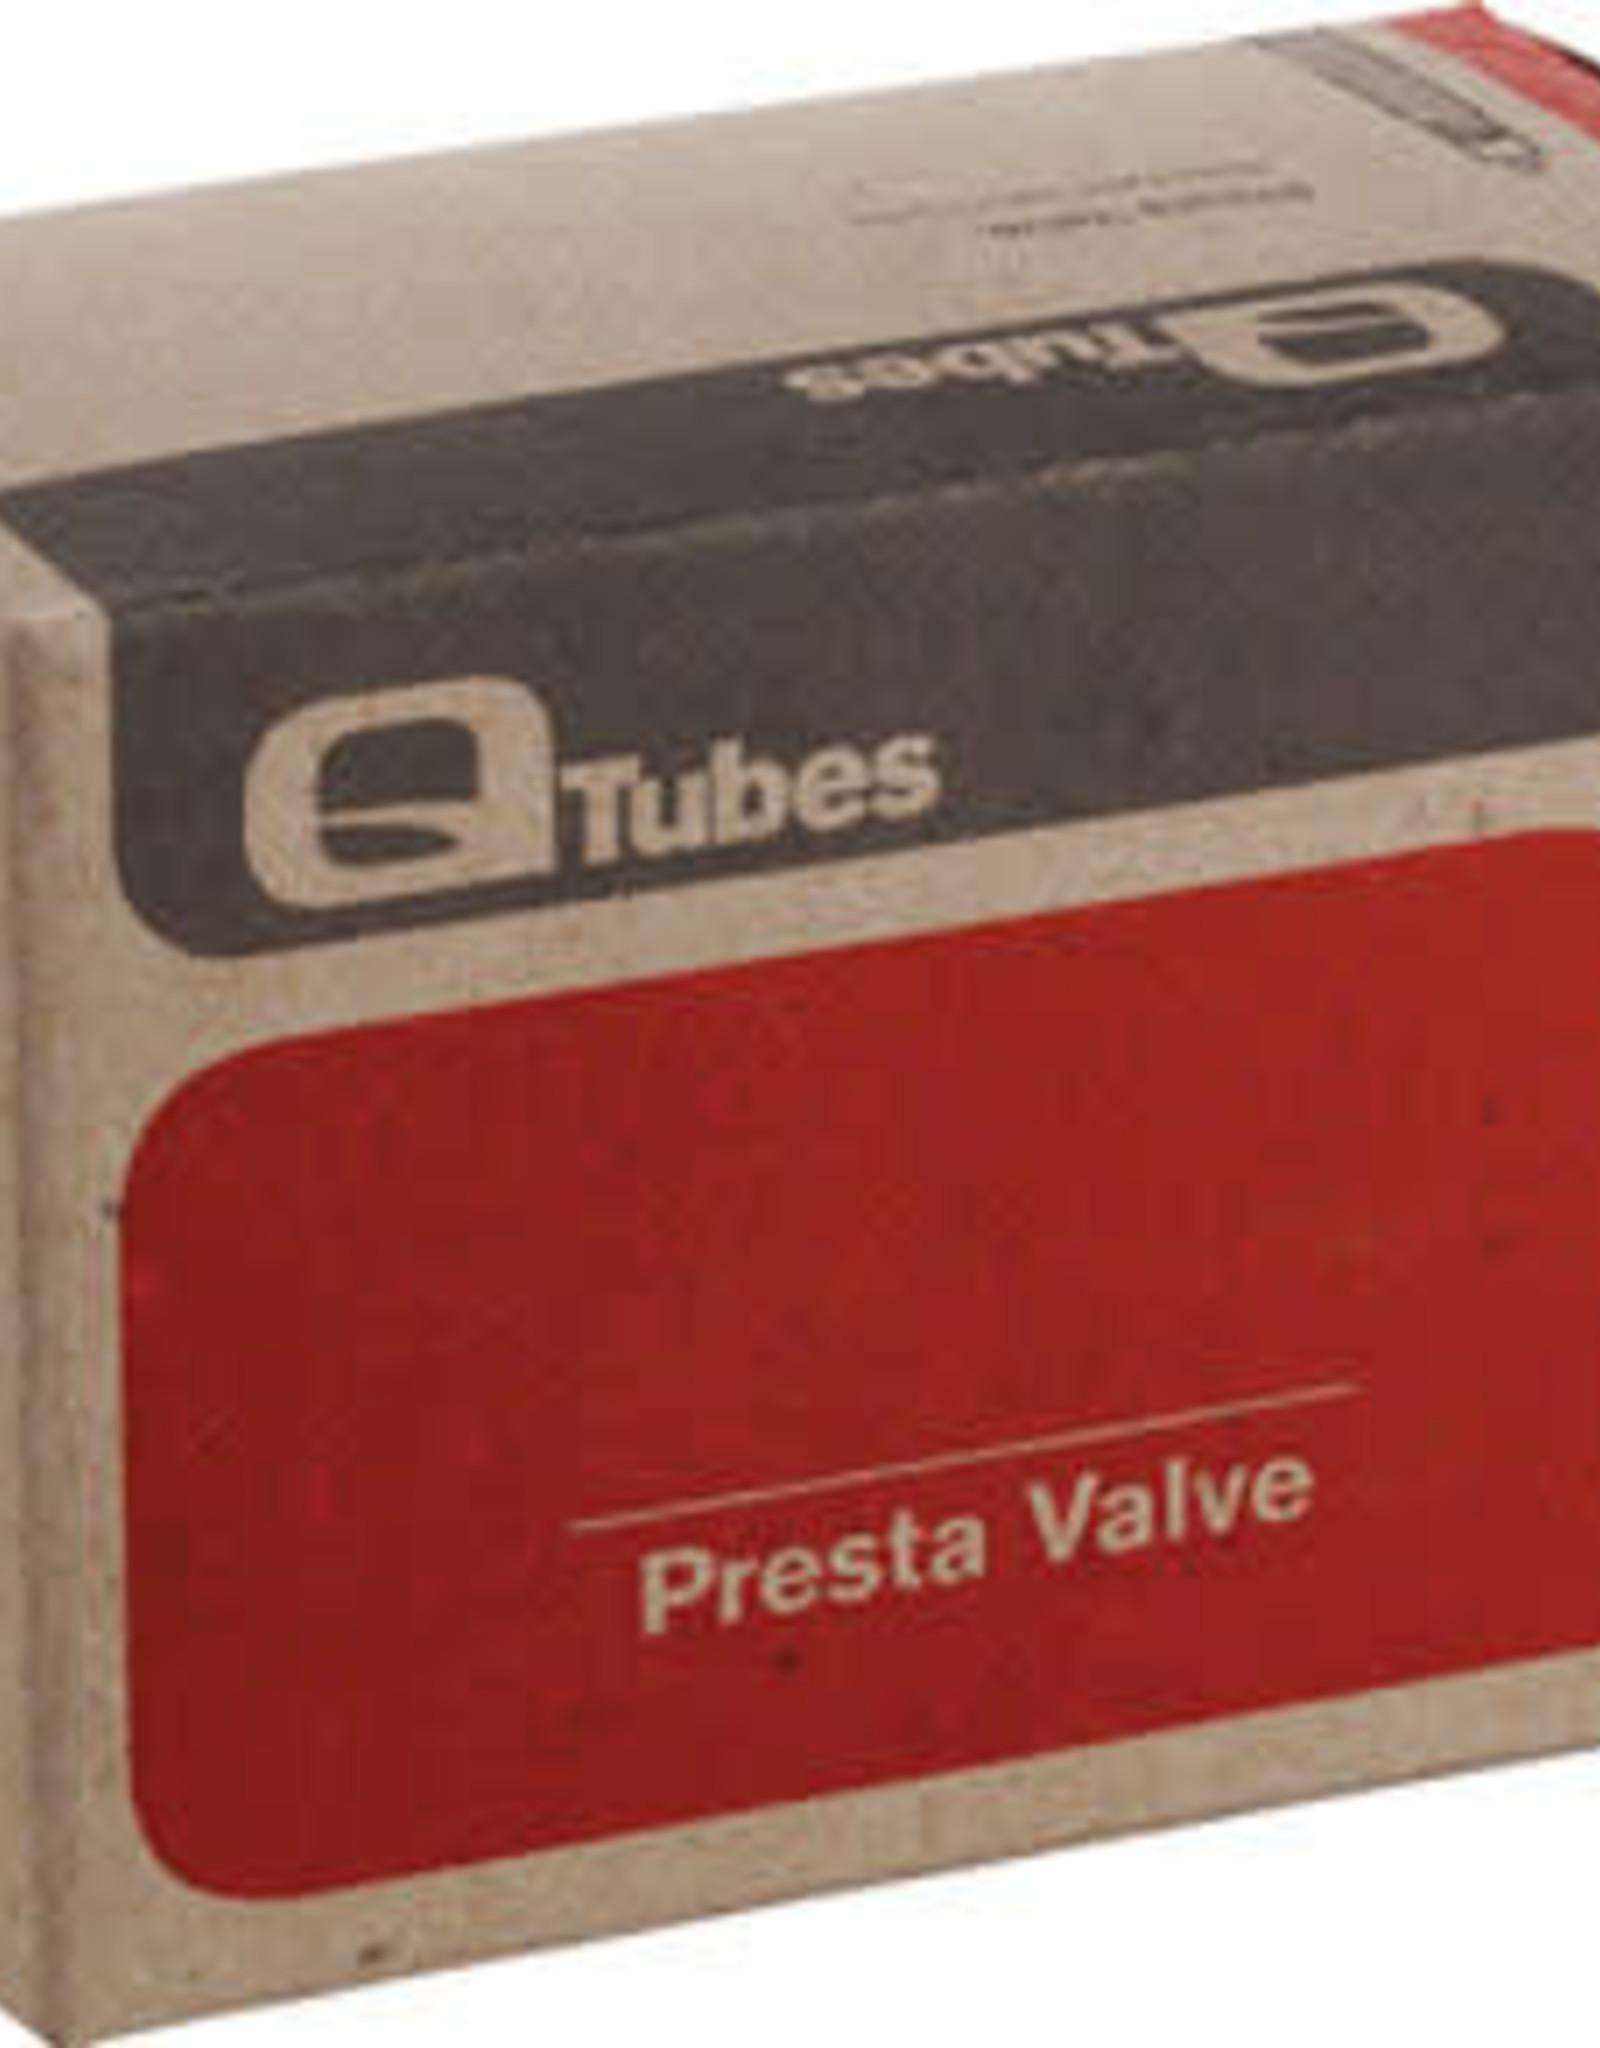 Q-Tubes Q-Tubes 700c Presta Valve Tubes (32/48/60/80mm stem)